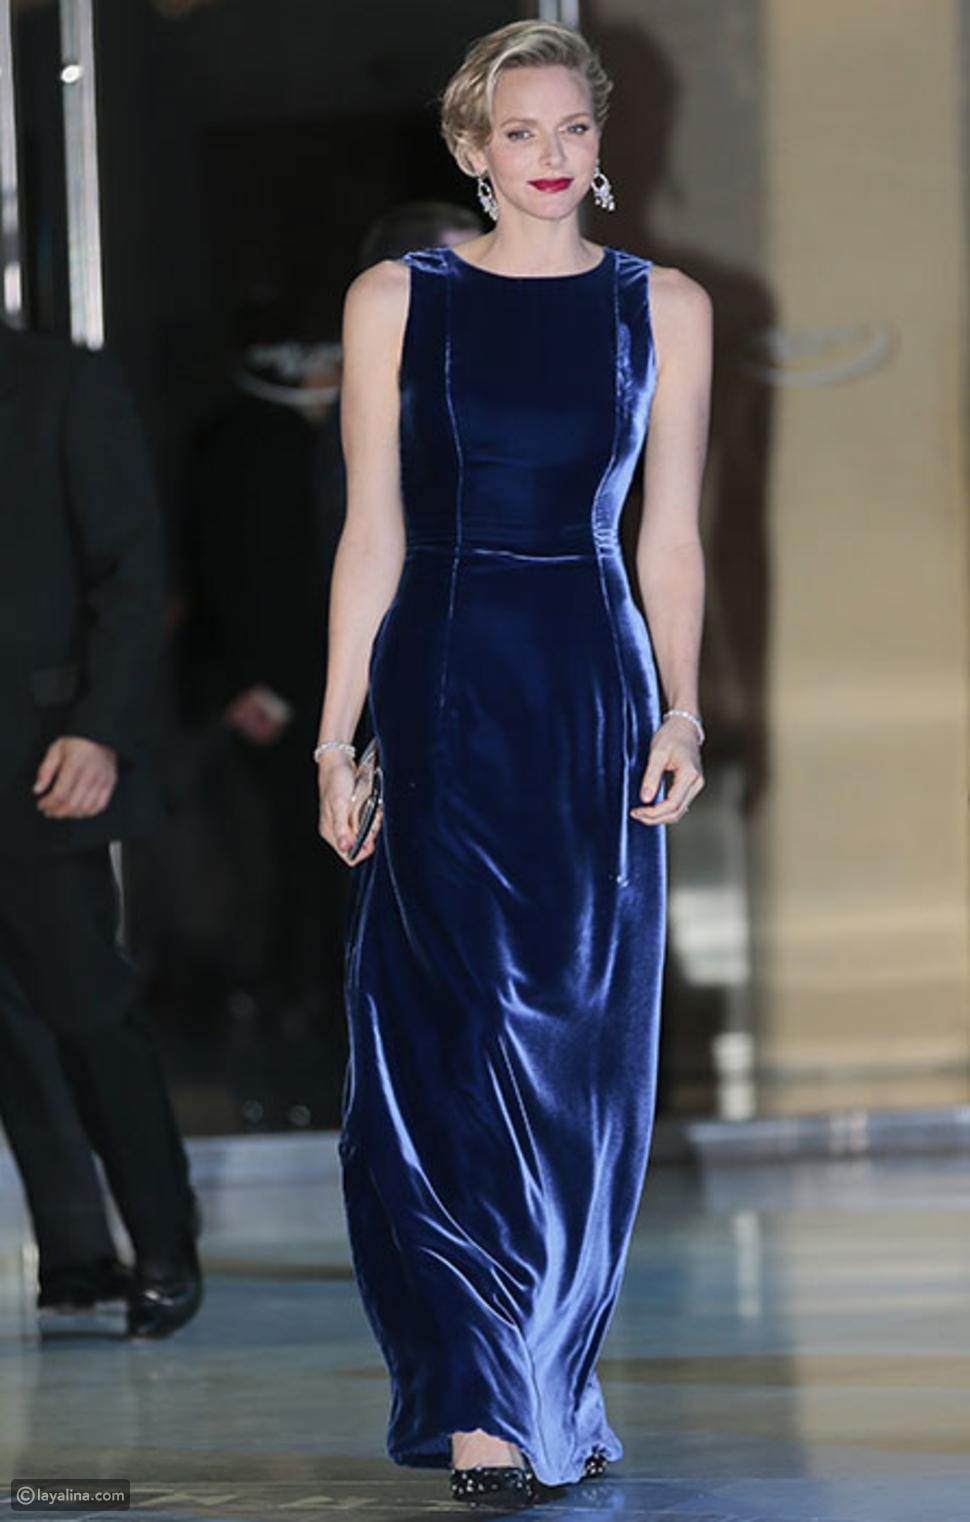 ارتدي الأزرق الكلاسيكعلى طريقة الأميرة شارلين أميرة موناكو